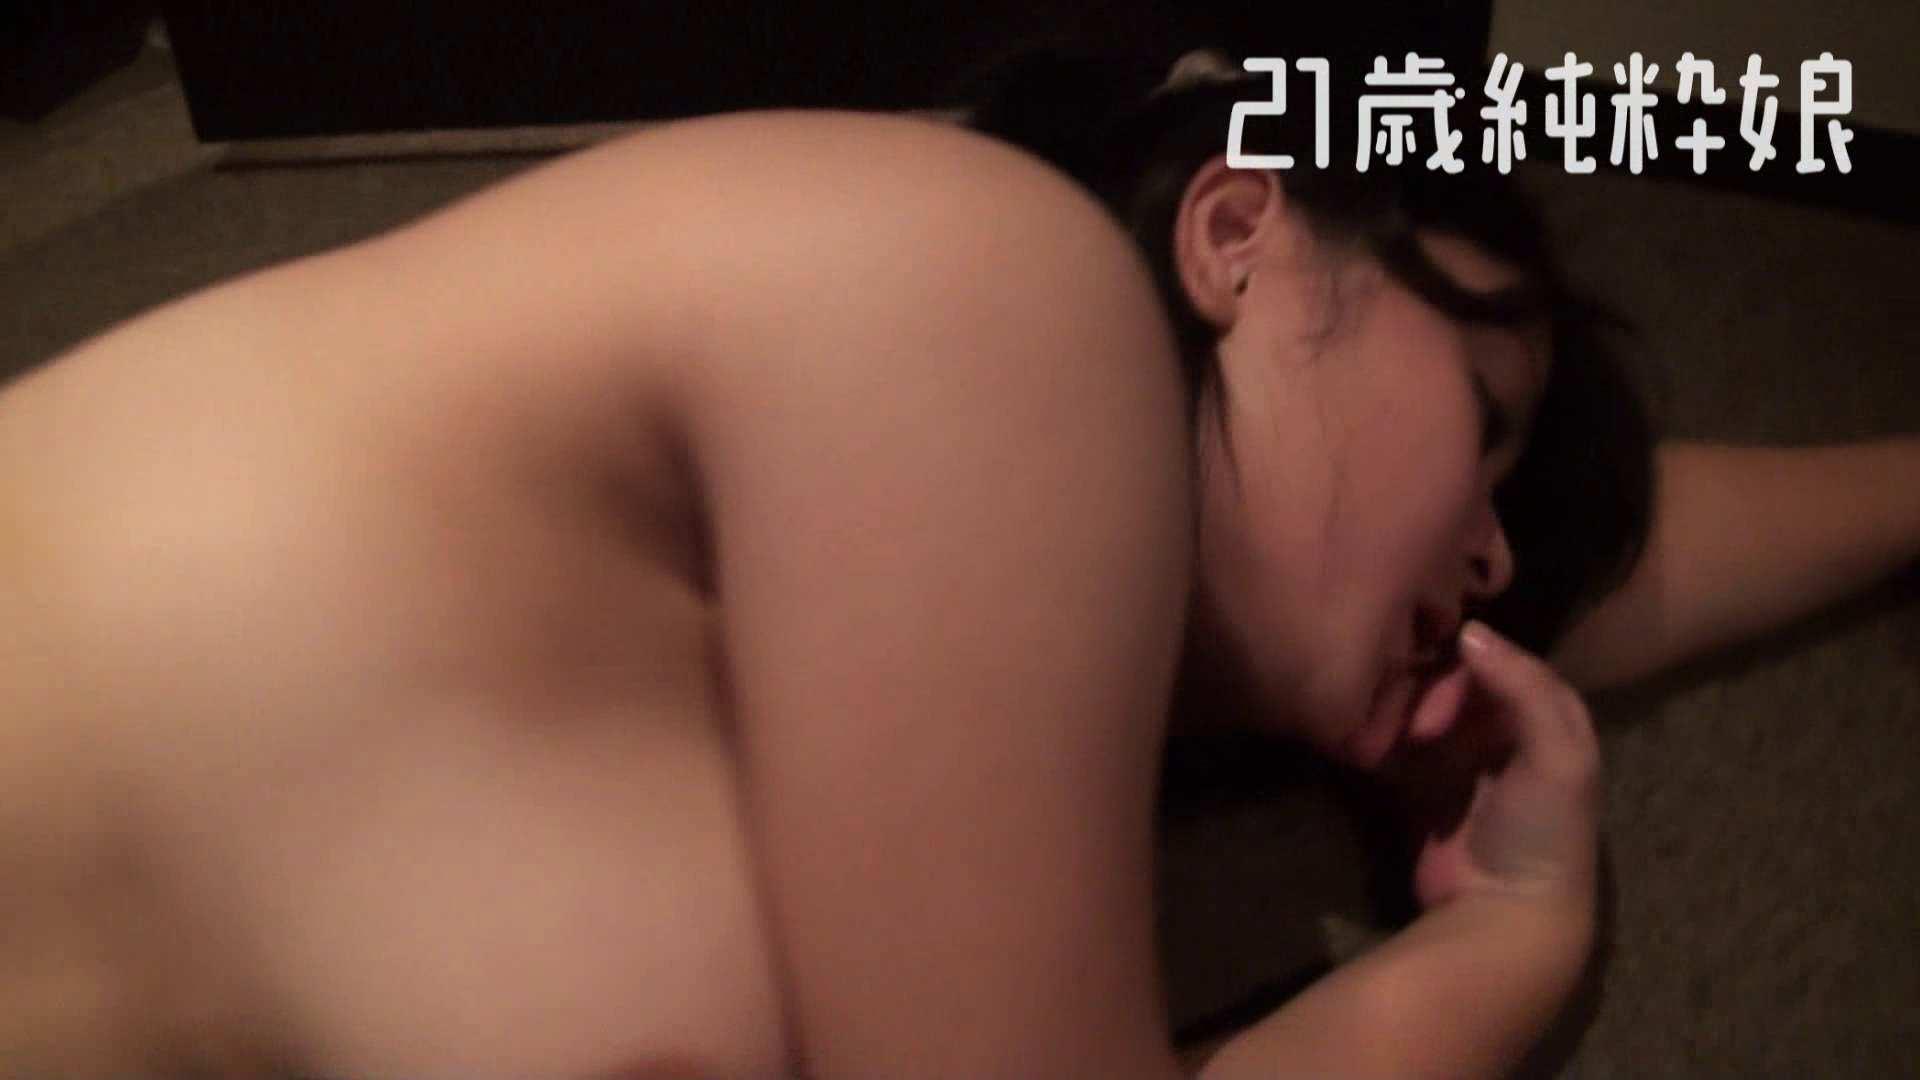 上京したばかりのGカップ21歳純粋嬢を都合の良い女にしてみた2 中出し | SEXプレイ  97連発 64